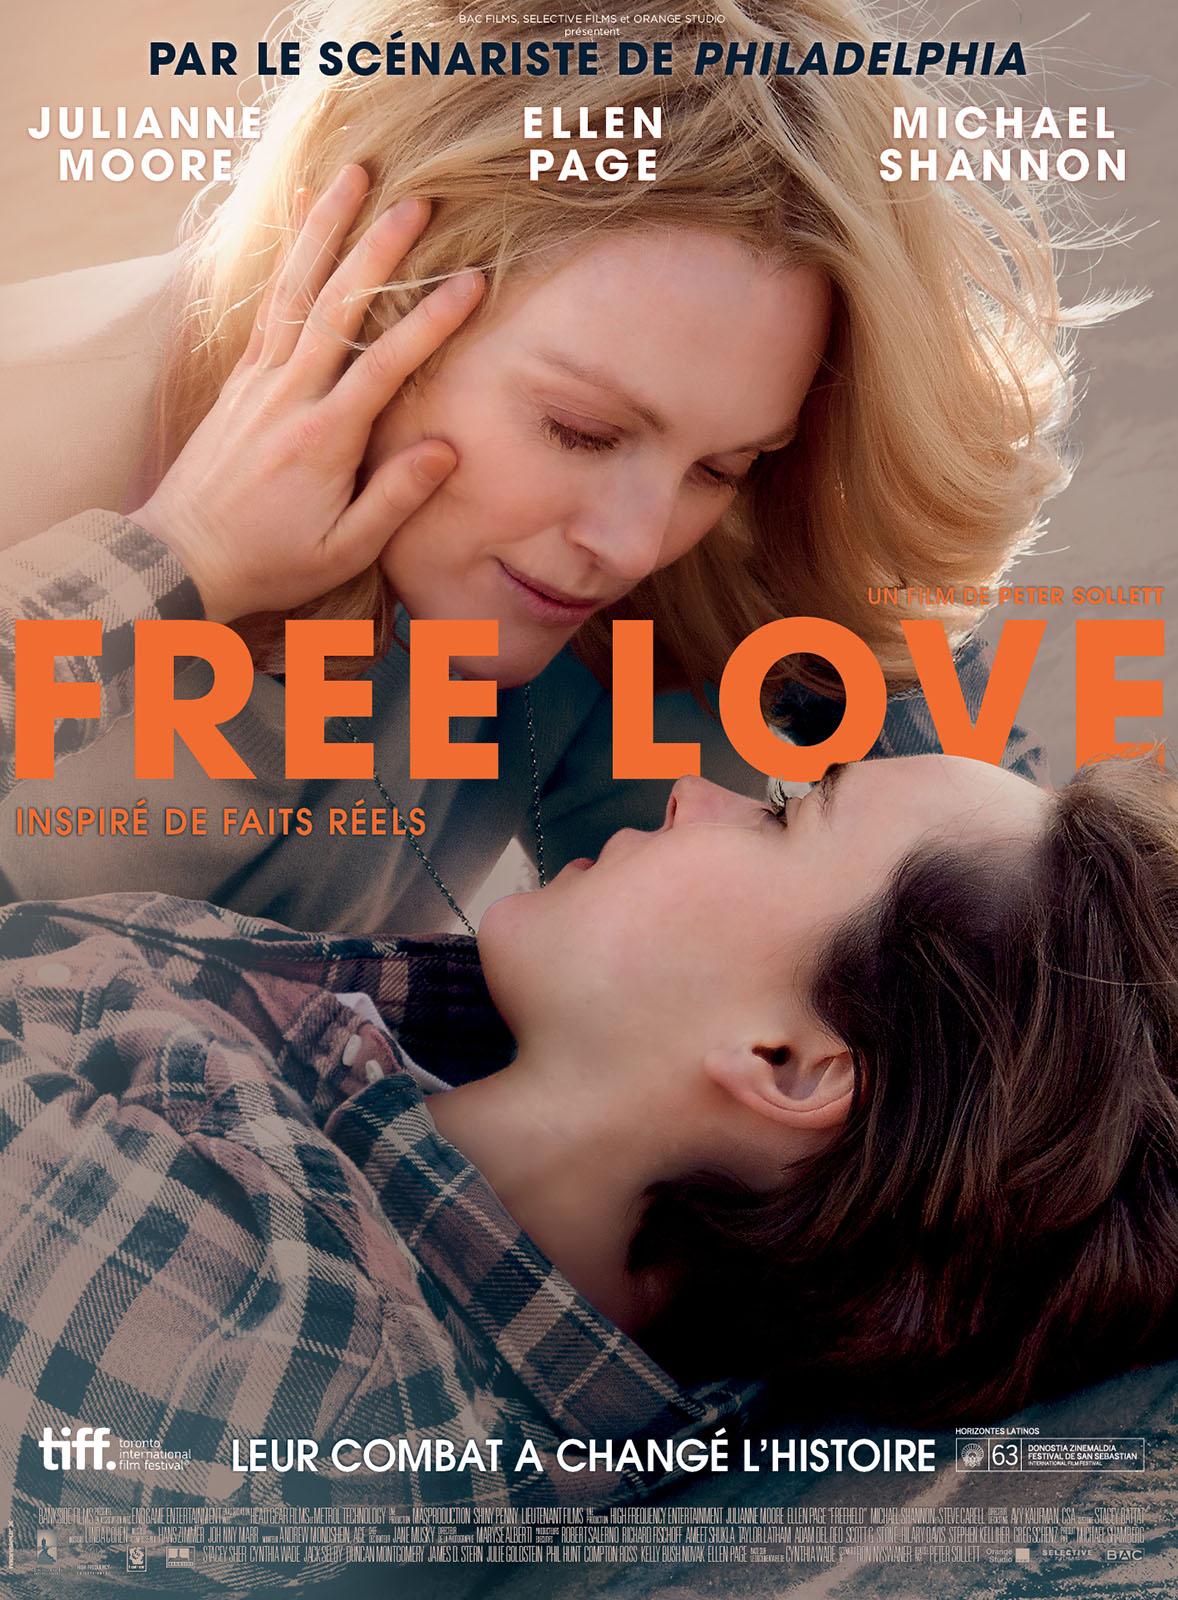 Meilleurs films gay gratuits